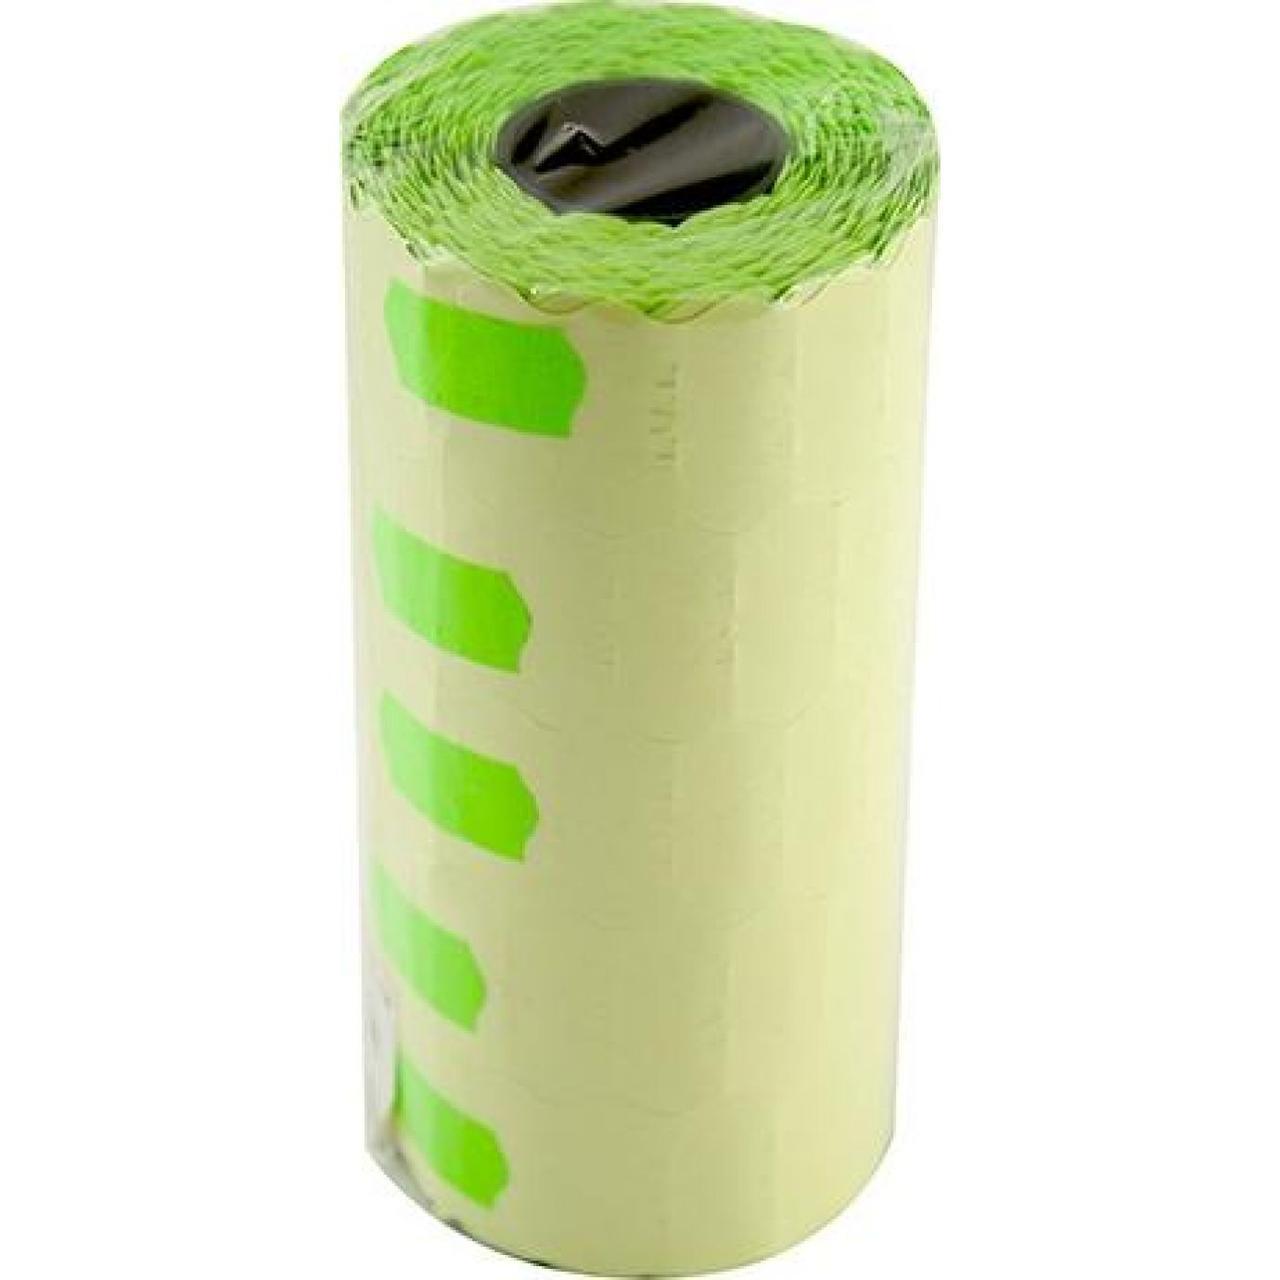 Ценник клейкий в рулоне маленький 15м 12х25мм 1200 шт. зеленый (5) (125)